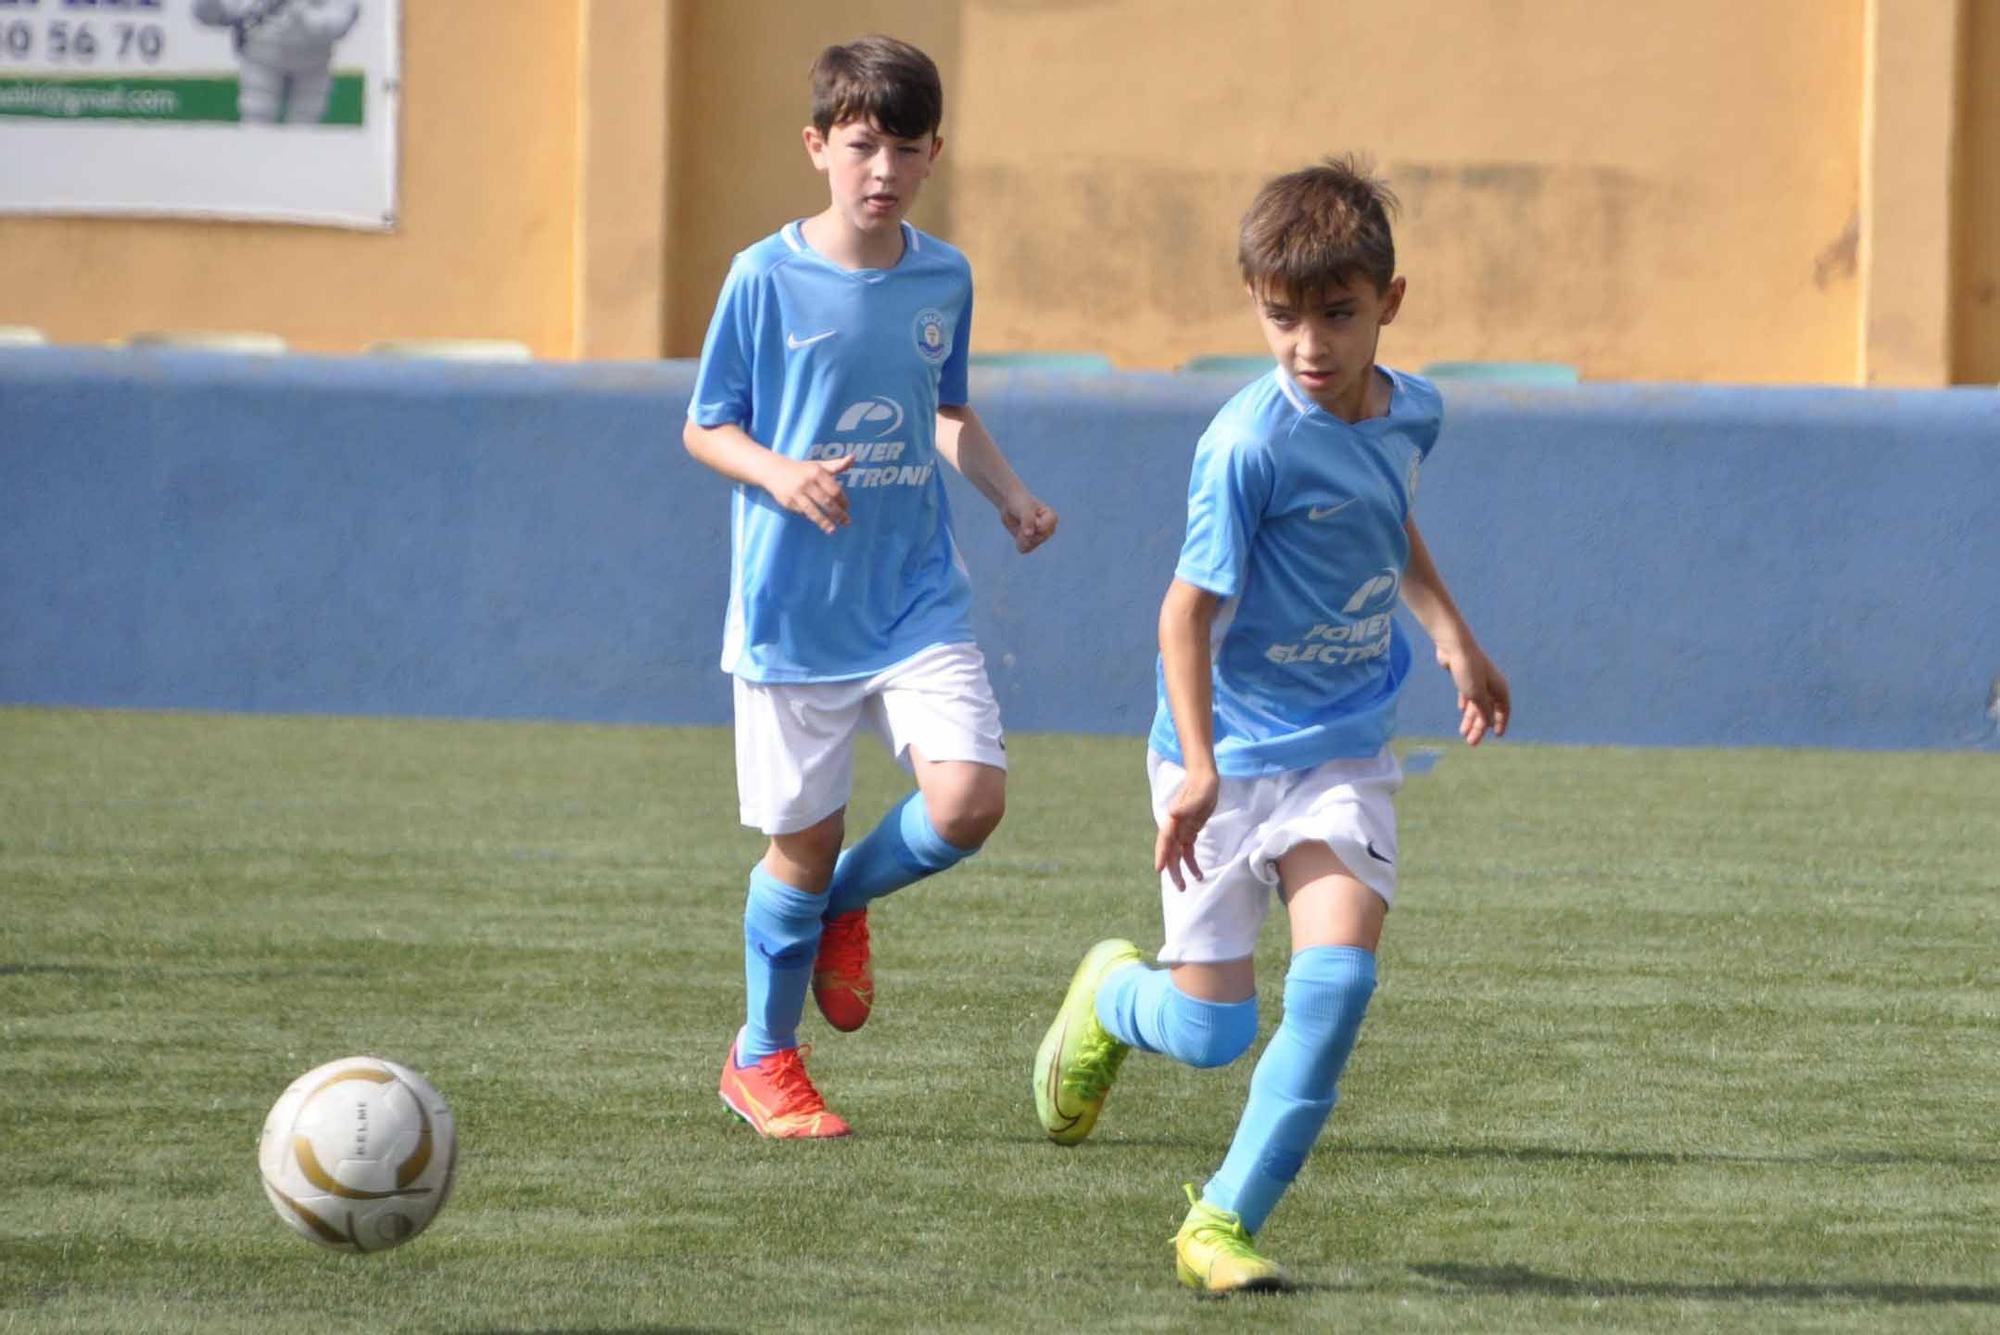 Todas las fotos de la última jornada de fútbol base en Ibiza (8 y 9 de mayo)